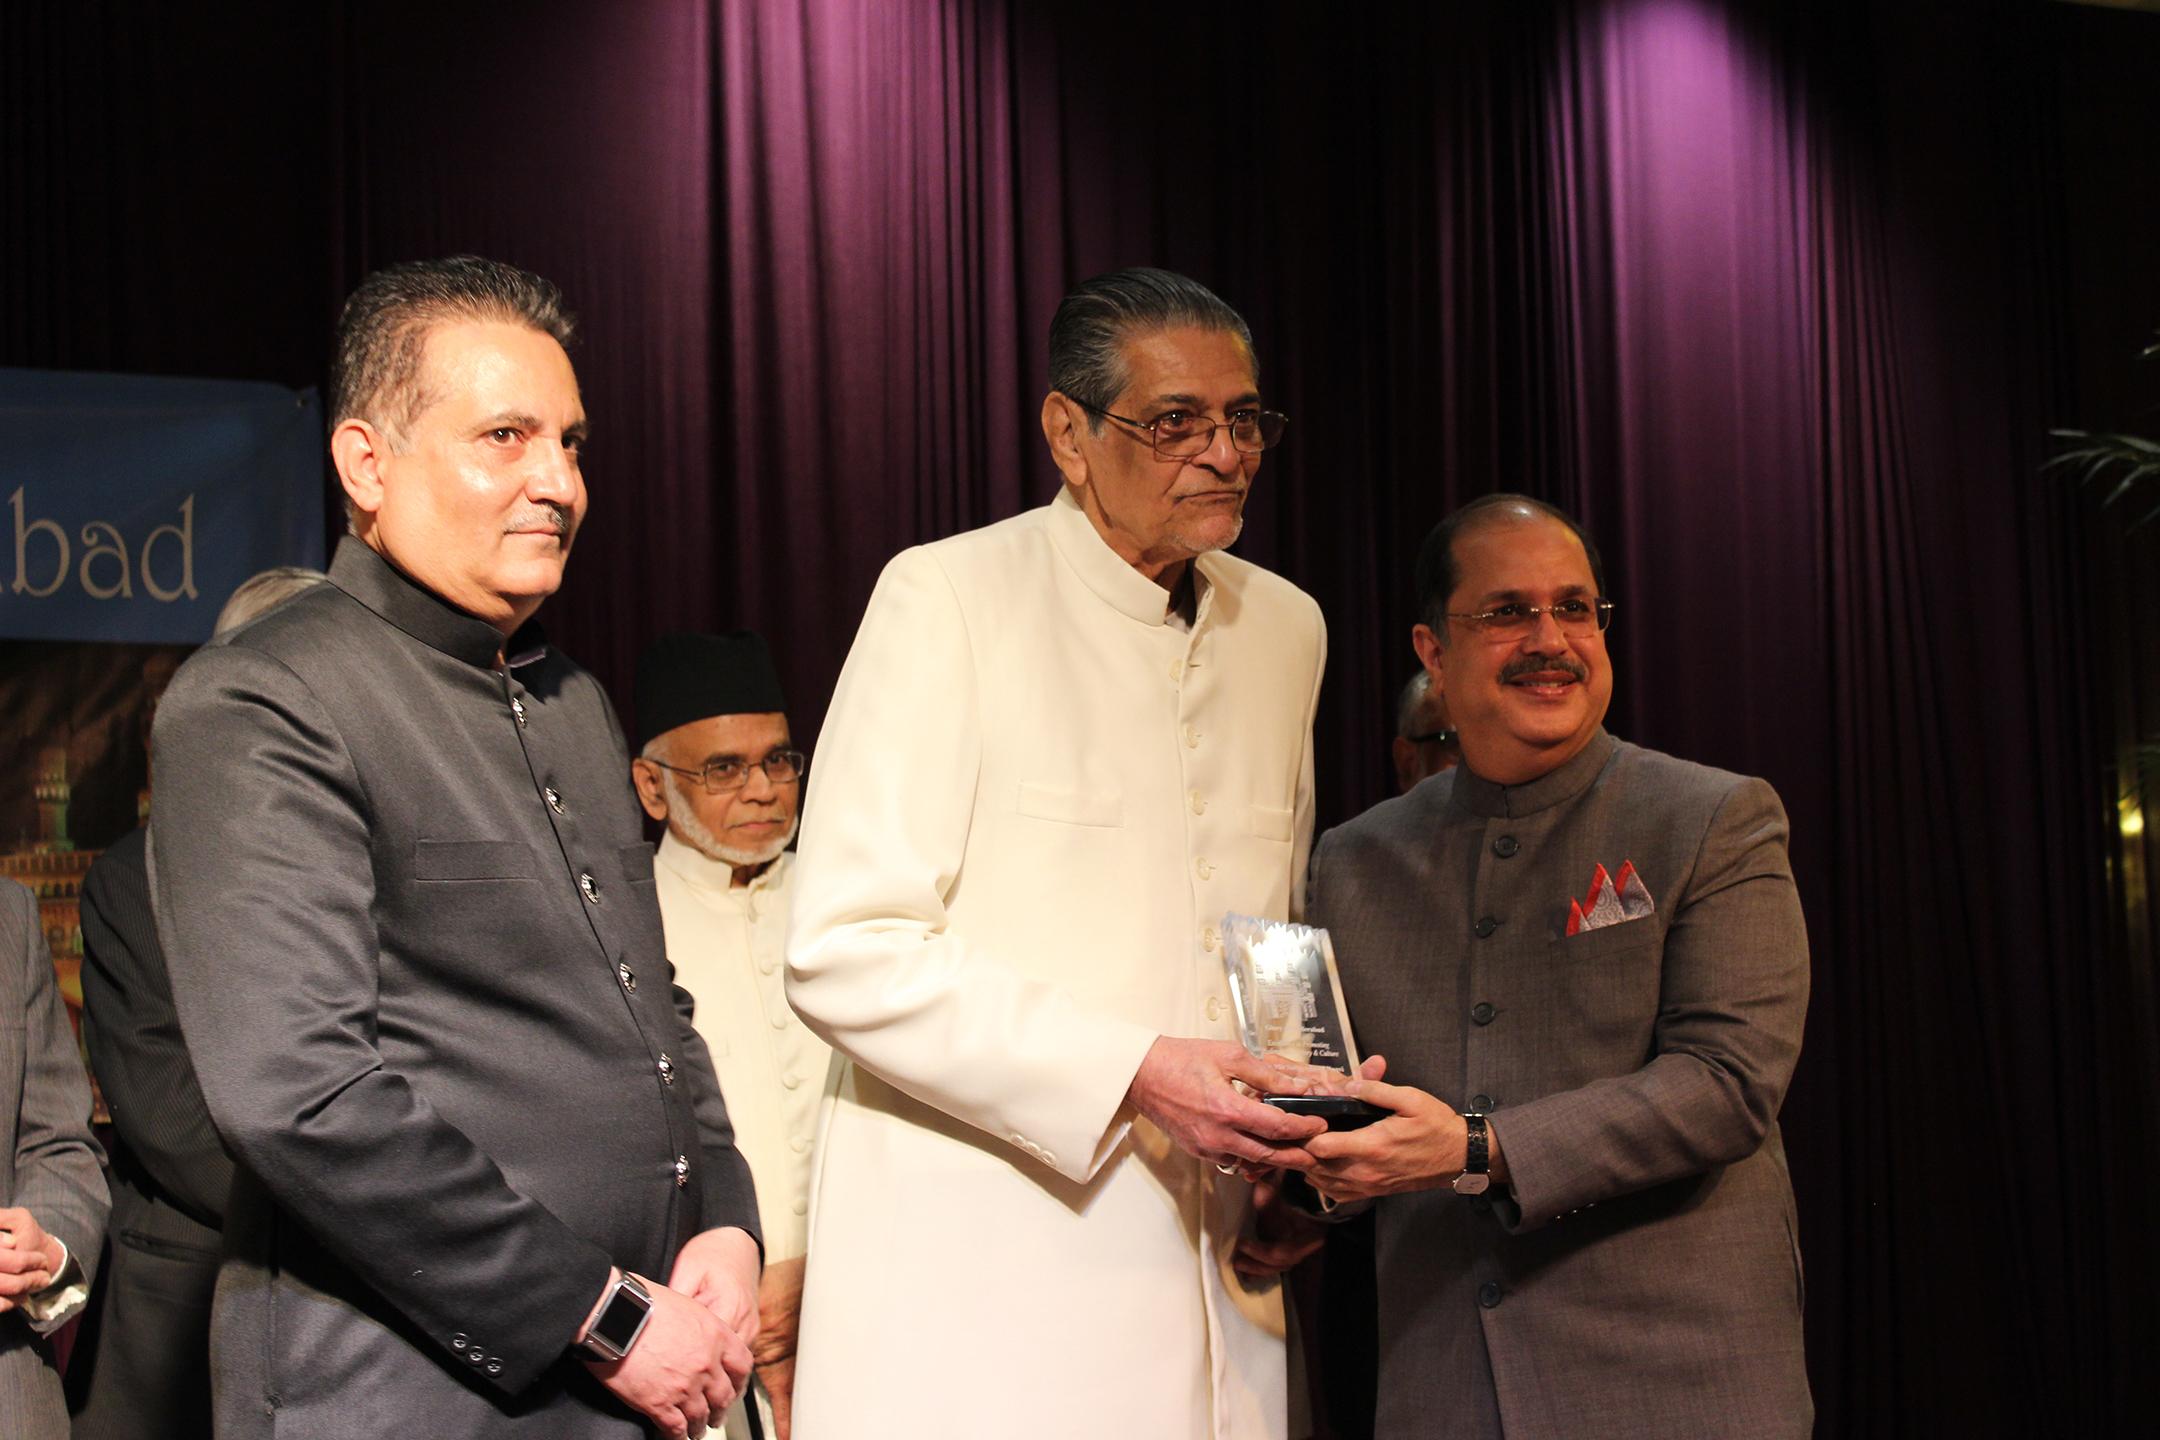 dr sadiq Naqvi